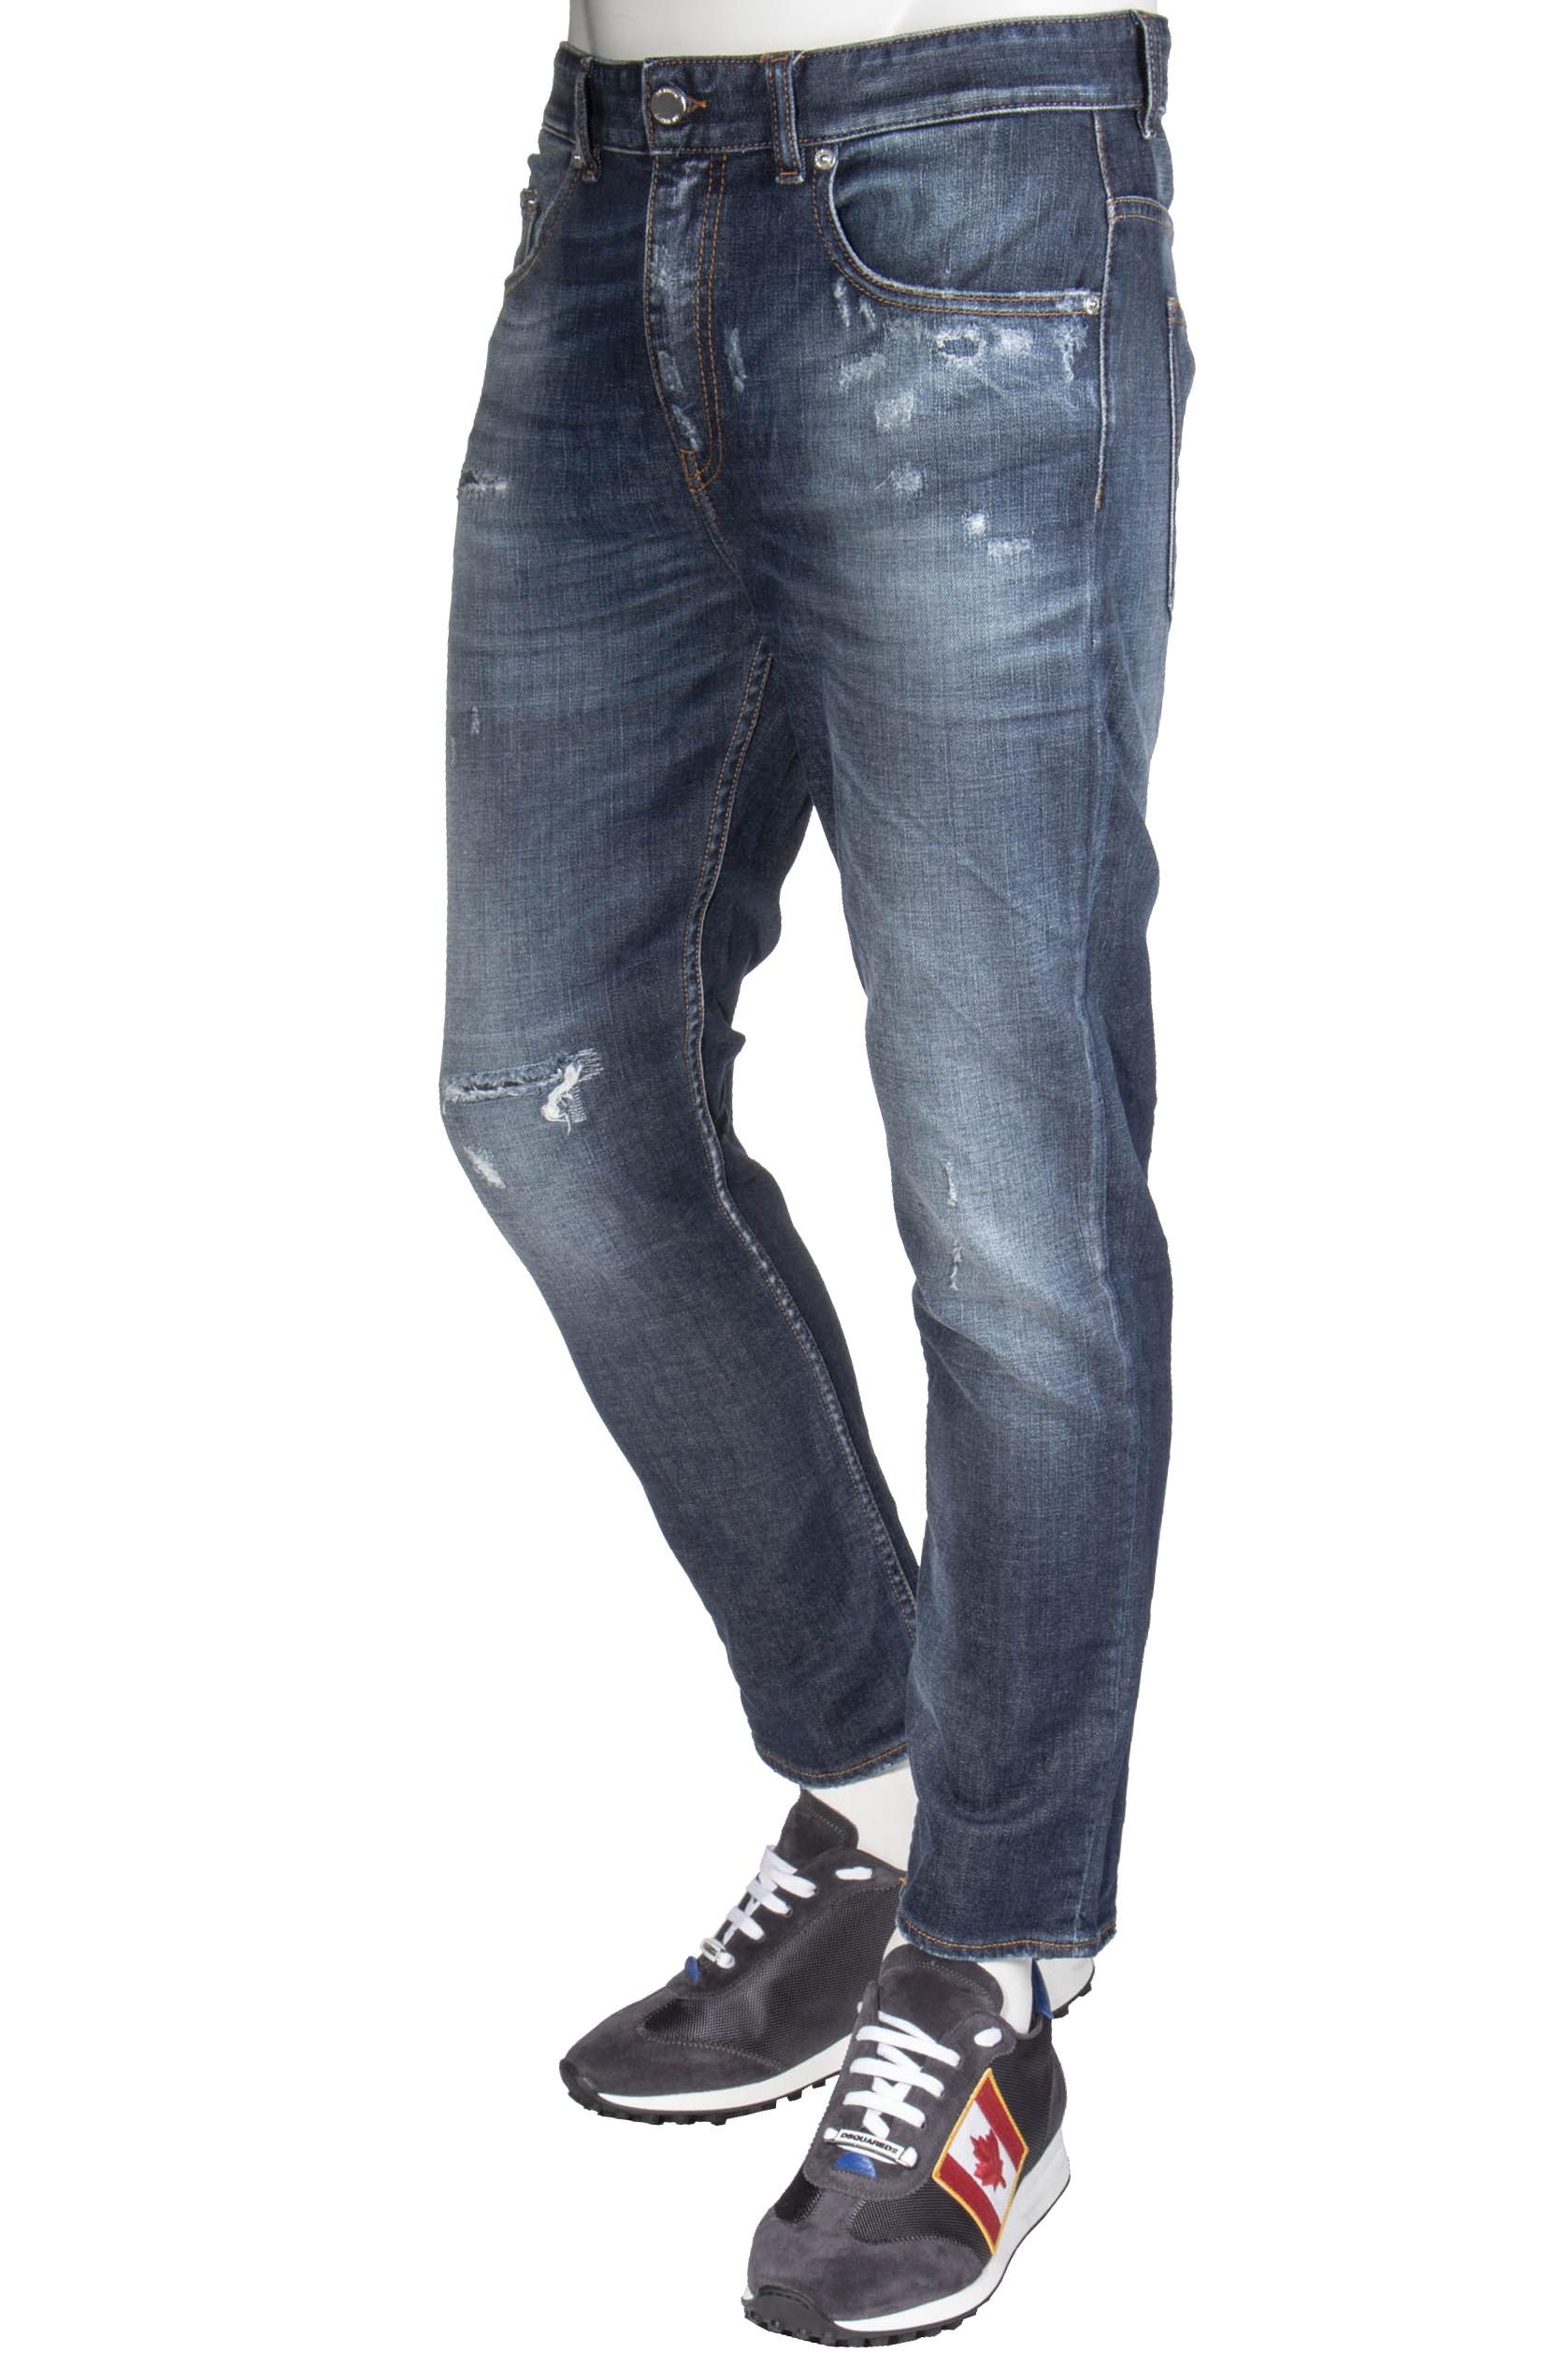 55e71555f6 LOVE MOSCHINO Jeans